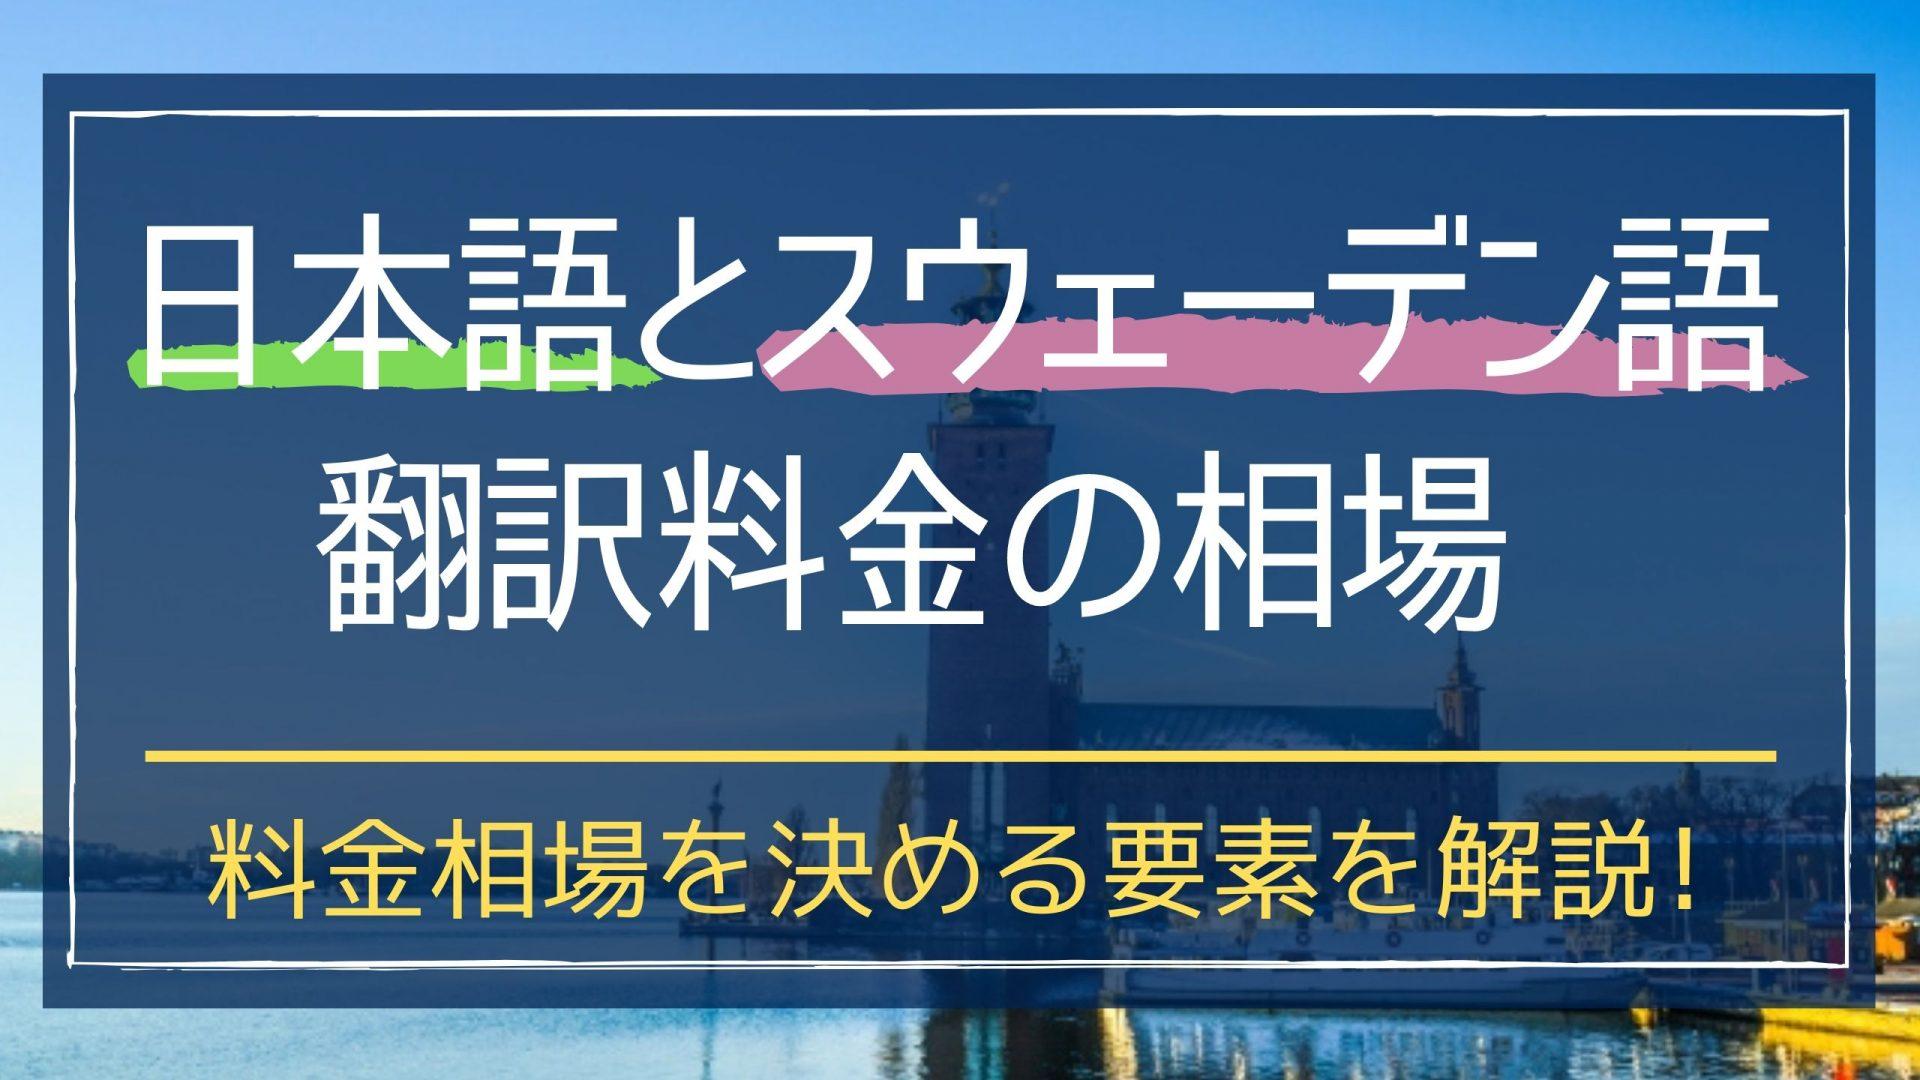 5d8c272fea428fbfc07ac2e7c2cd987a - 日本語・スウェーデン語間の翻訳の料金相場・単価はいくら?